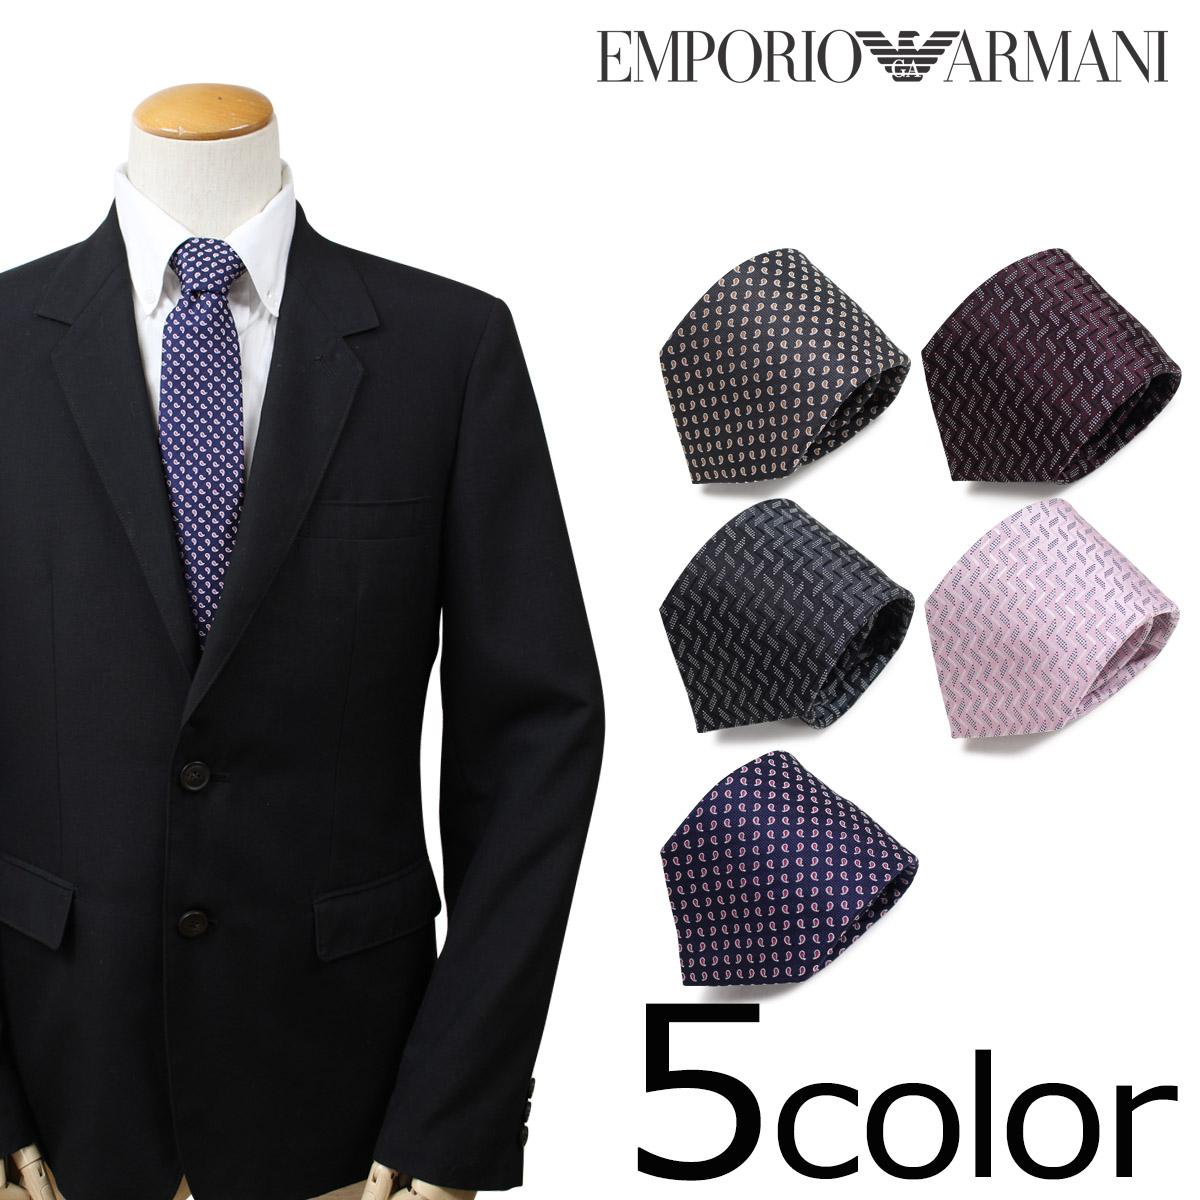 EMPORIO ARMANI エンポリオ アルマーニ ネクタイ イタリア製 シルク ビジネス 結婚式 メンズ [10/29 新入荷]